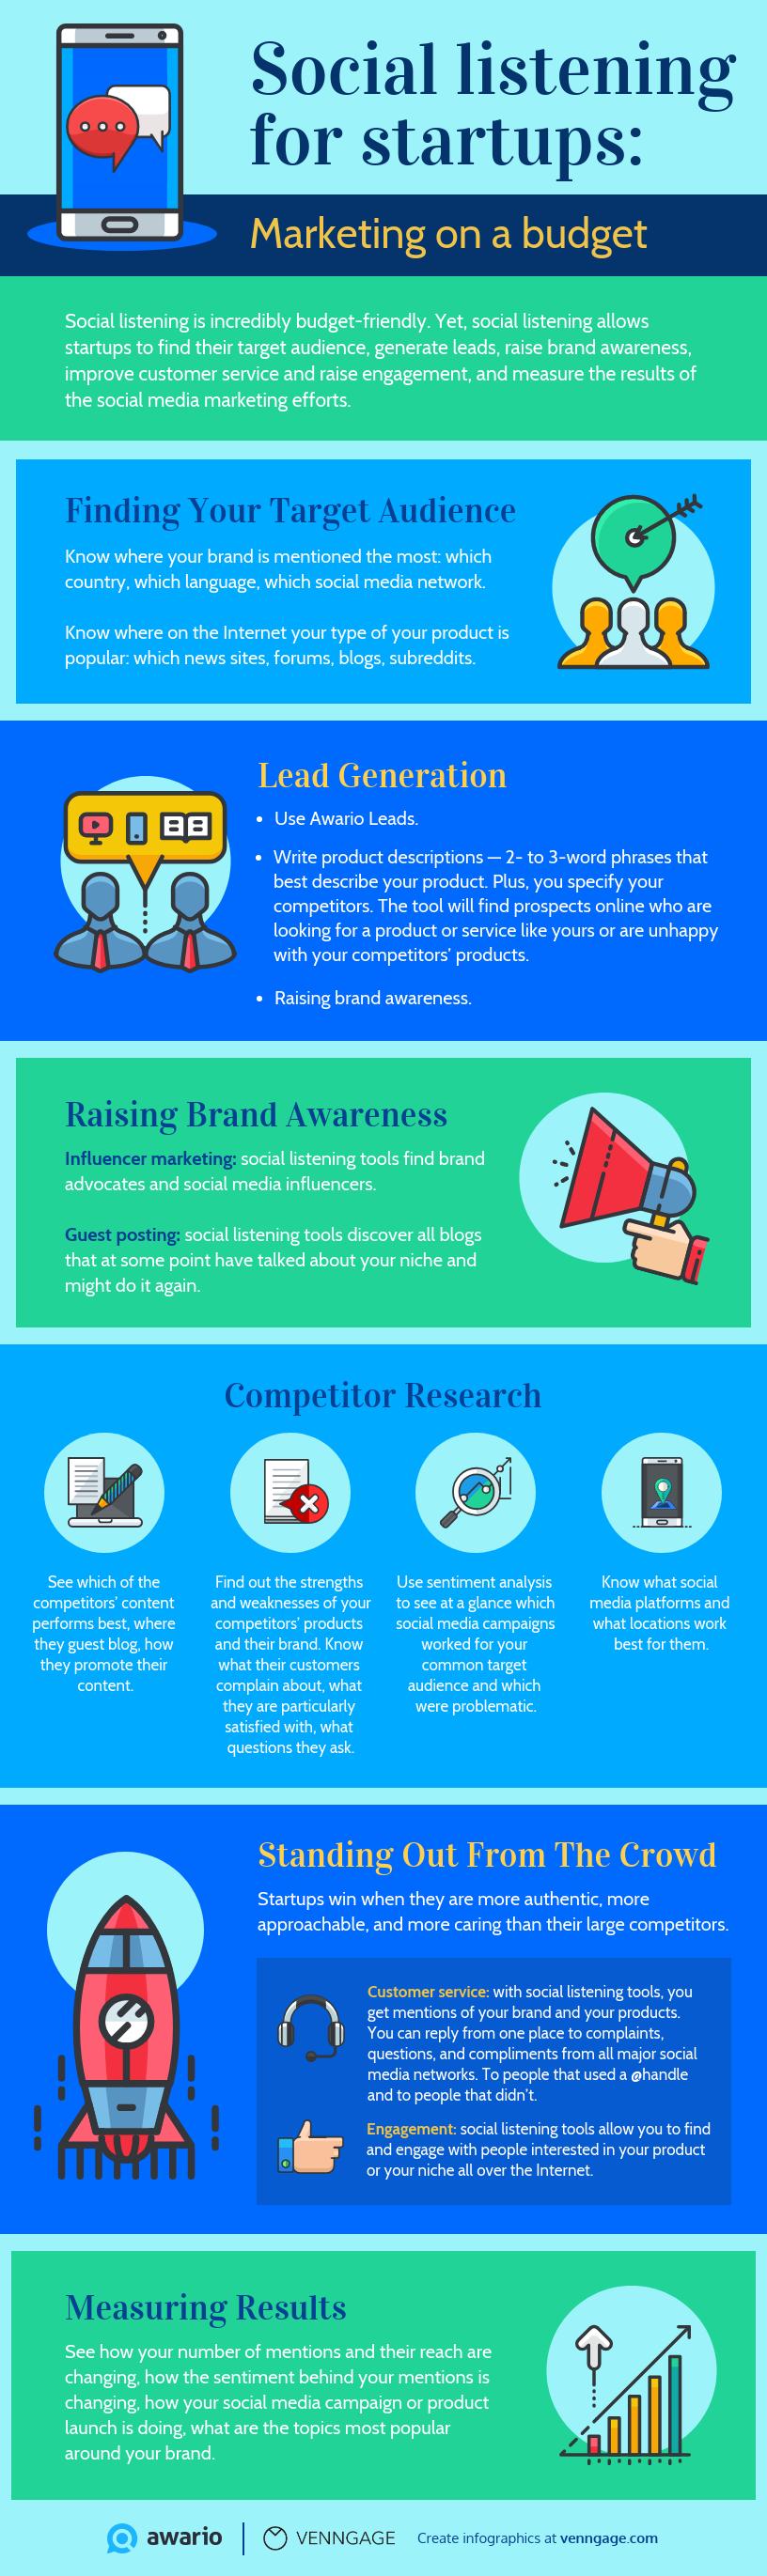 Social listening for startups: infographic